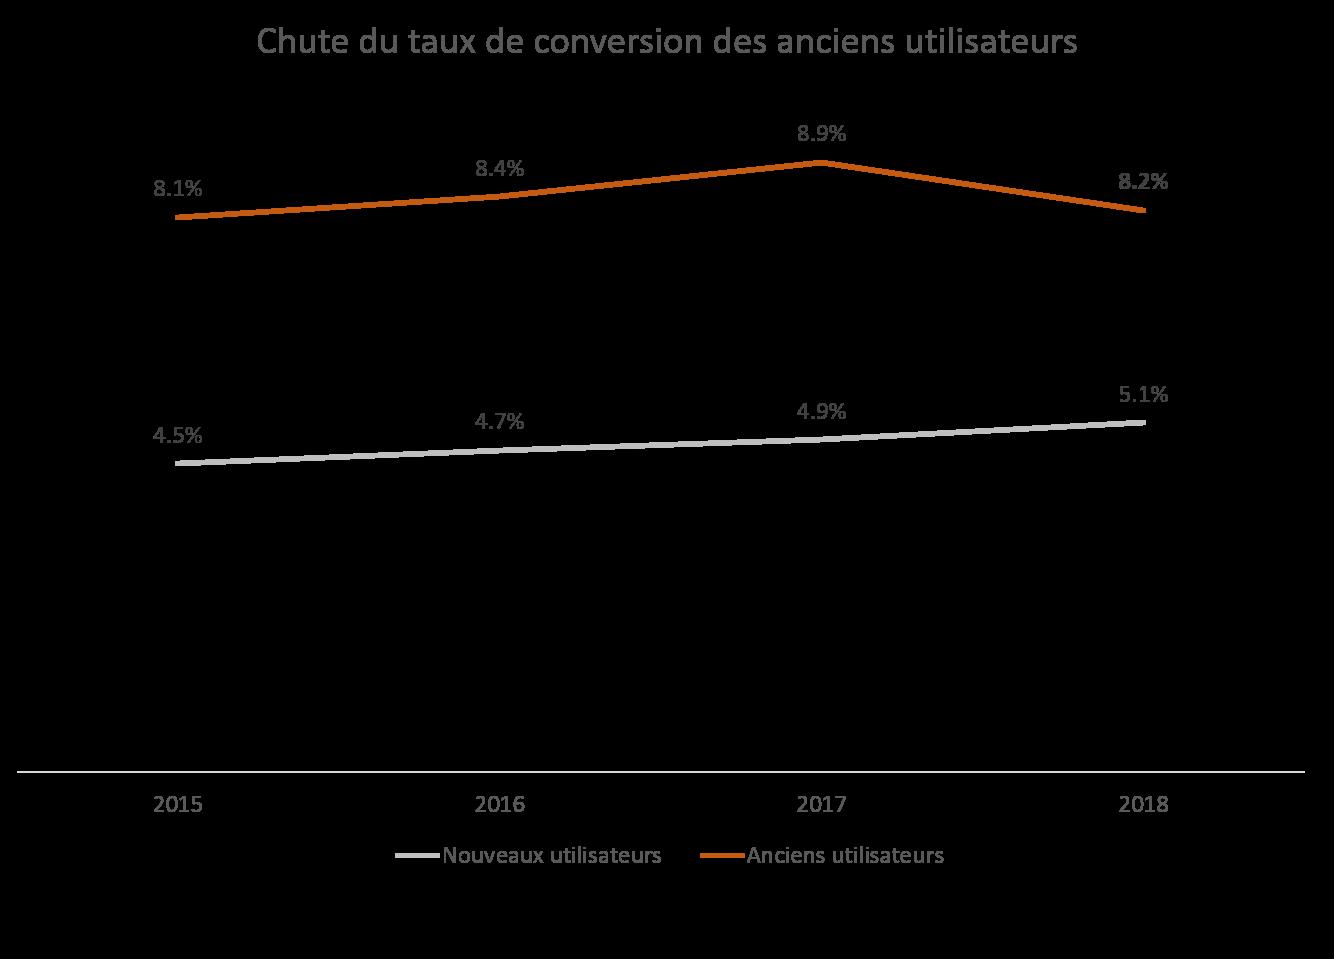 Taux de conversion par type d'utilisateur et par année